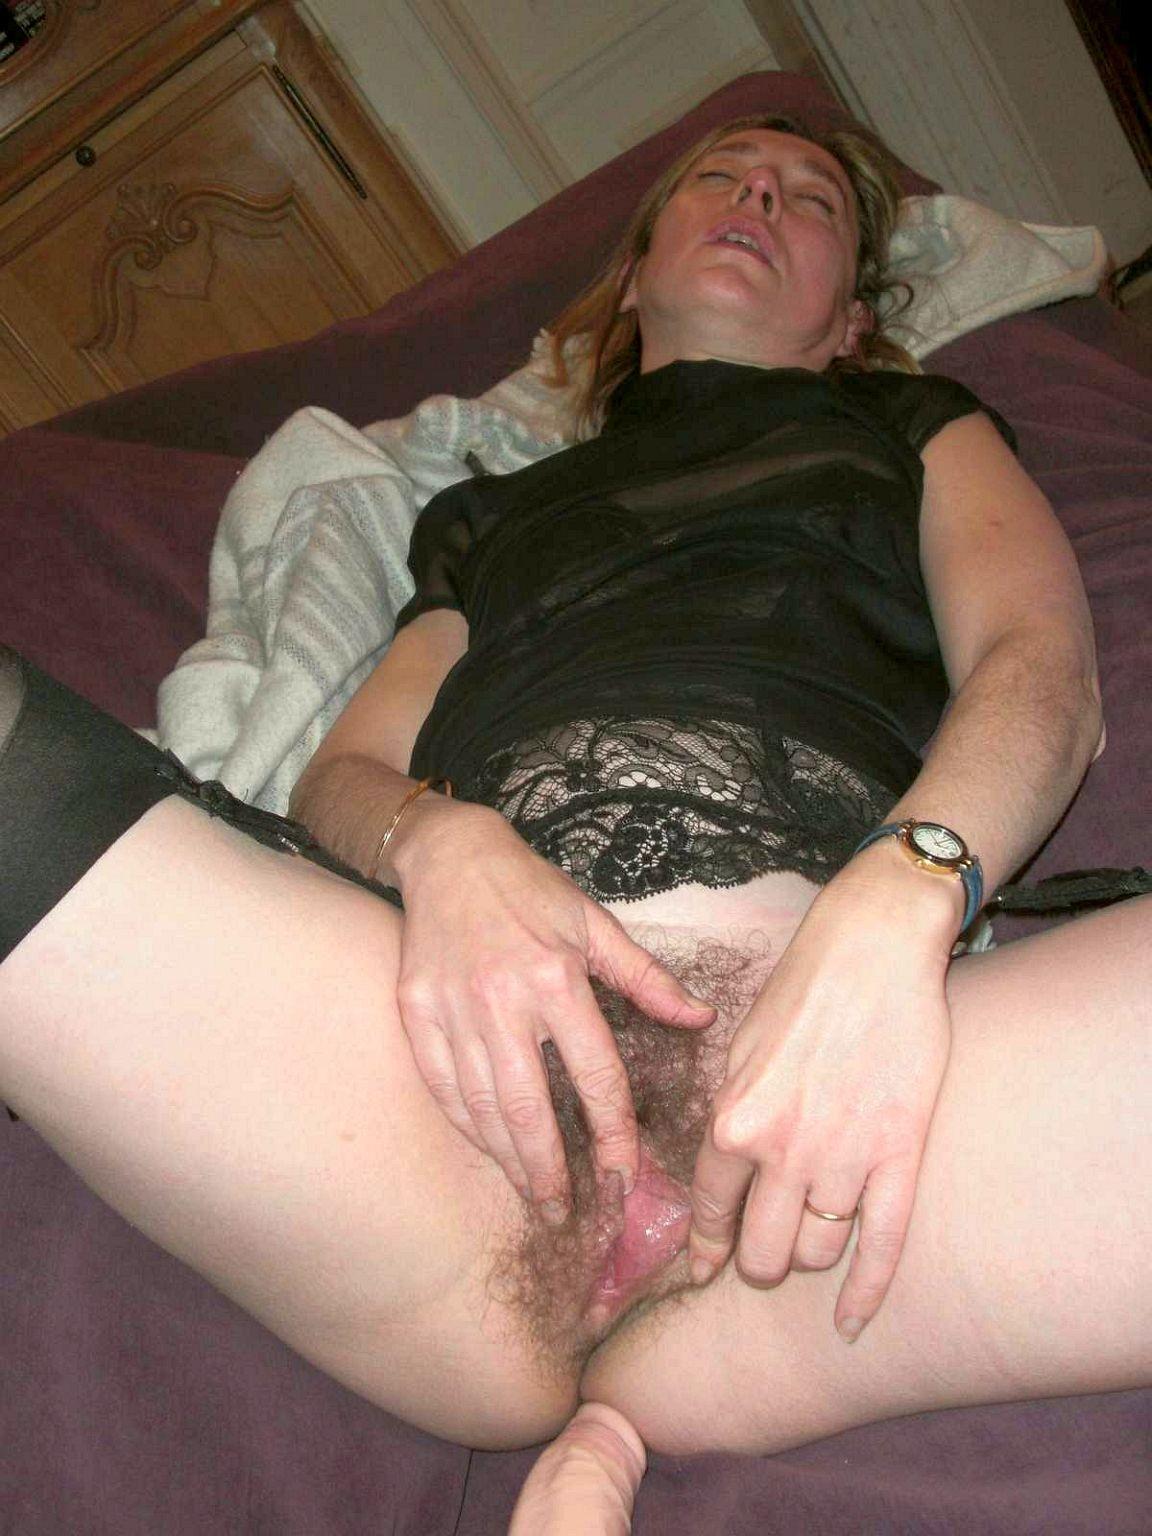 Домохозяйки видео зрелые волосатые женщины мастурбируют классный